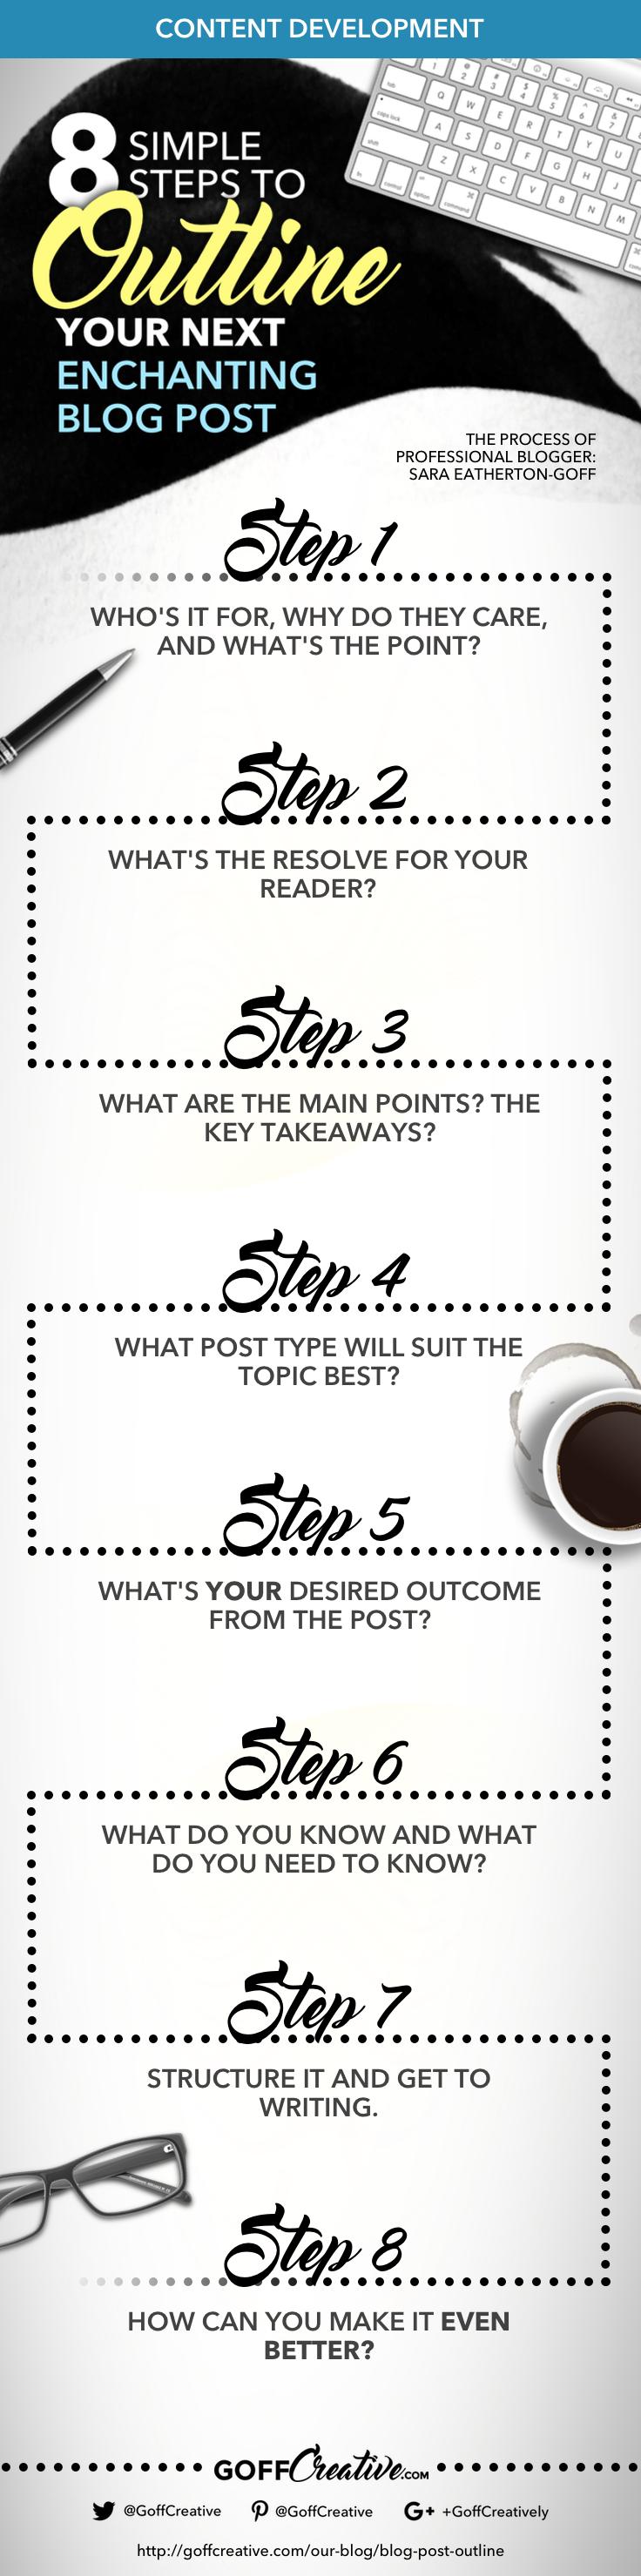 8 simple steps to outline your next enchanting blog post. Black Bedroom Furniture Sets. Home Design Ideas